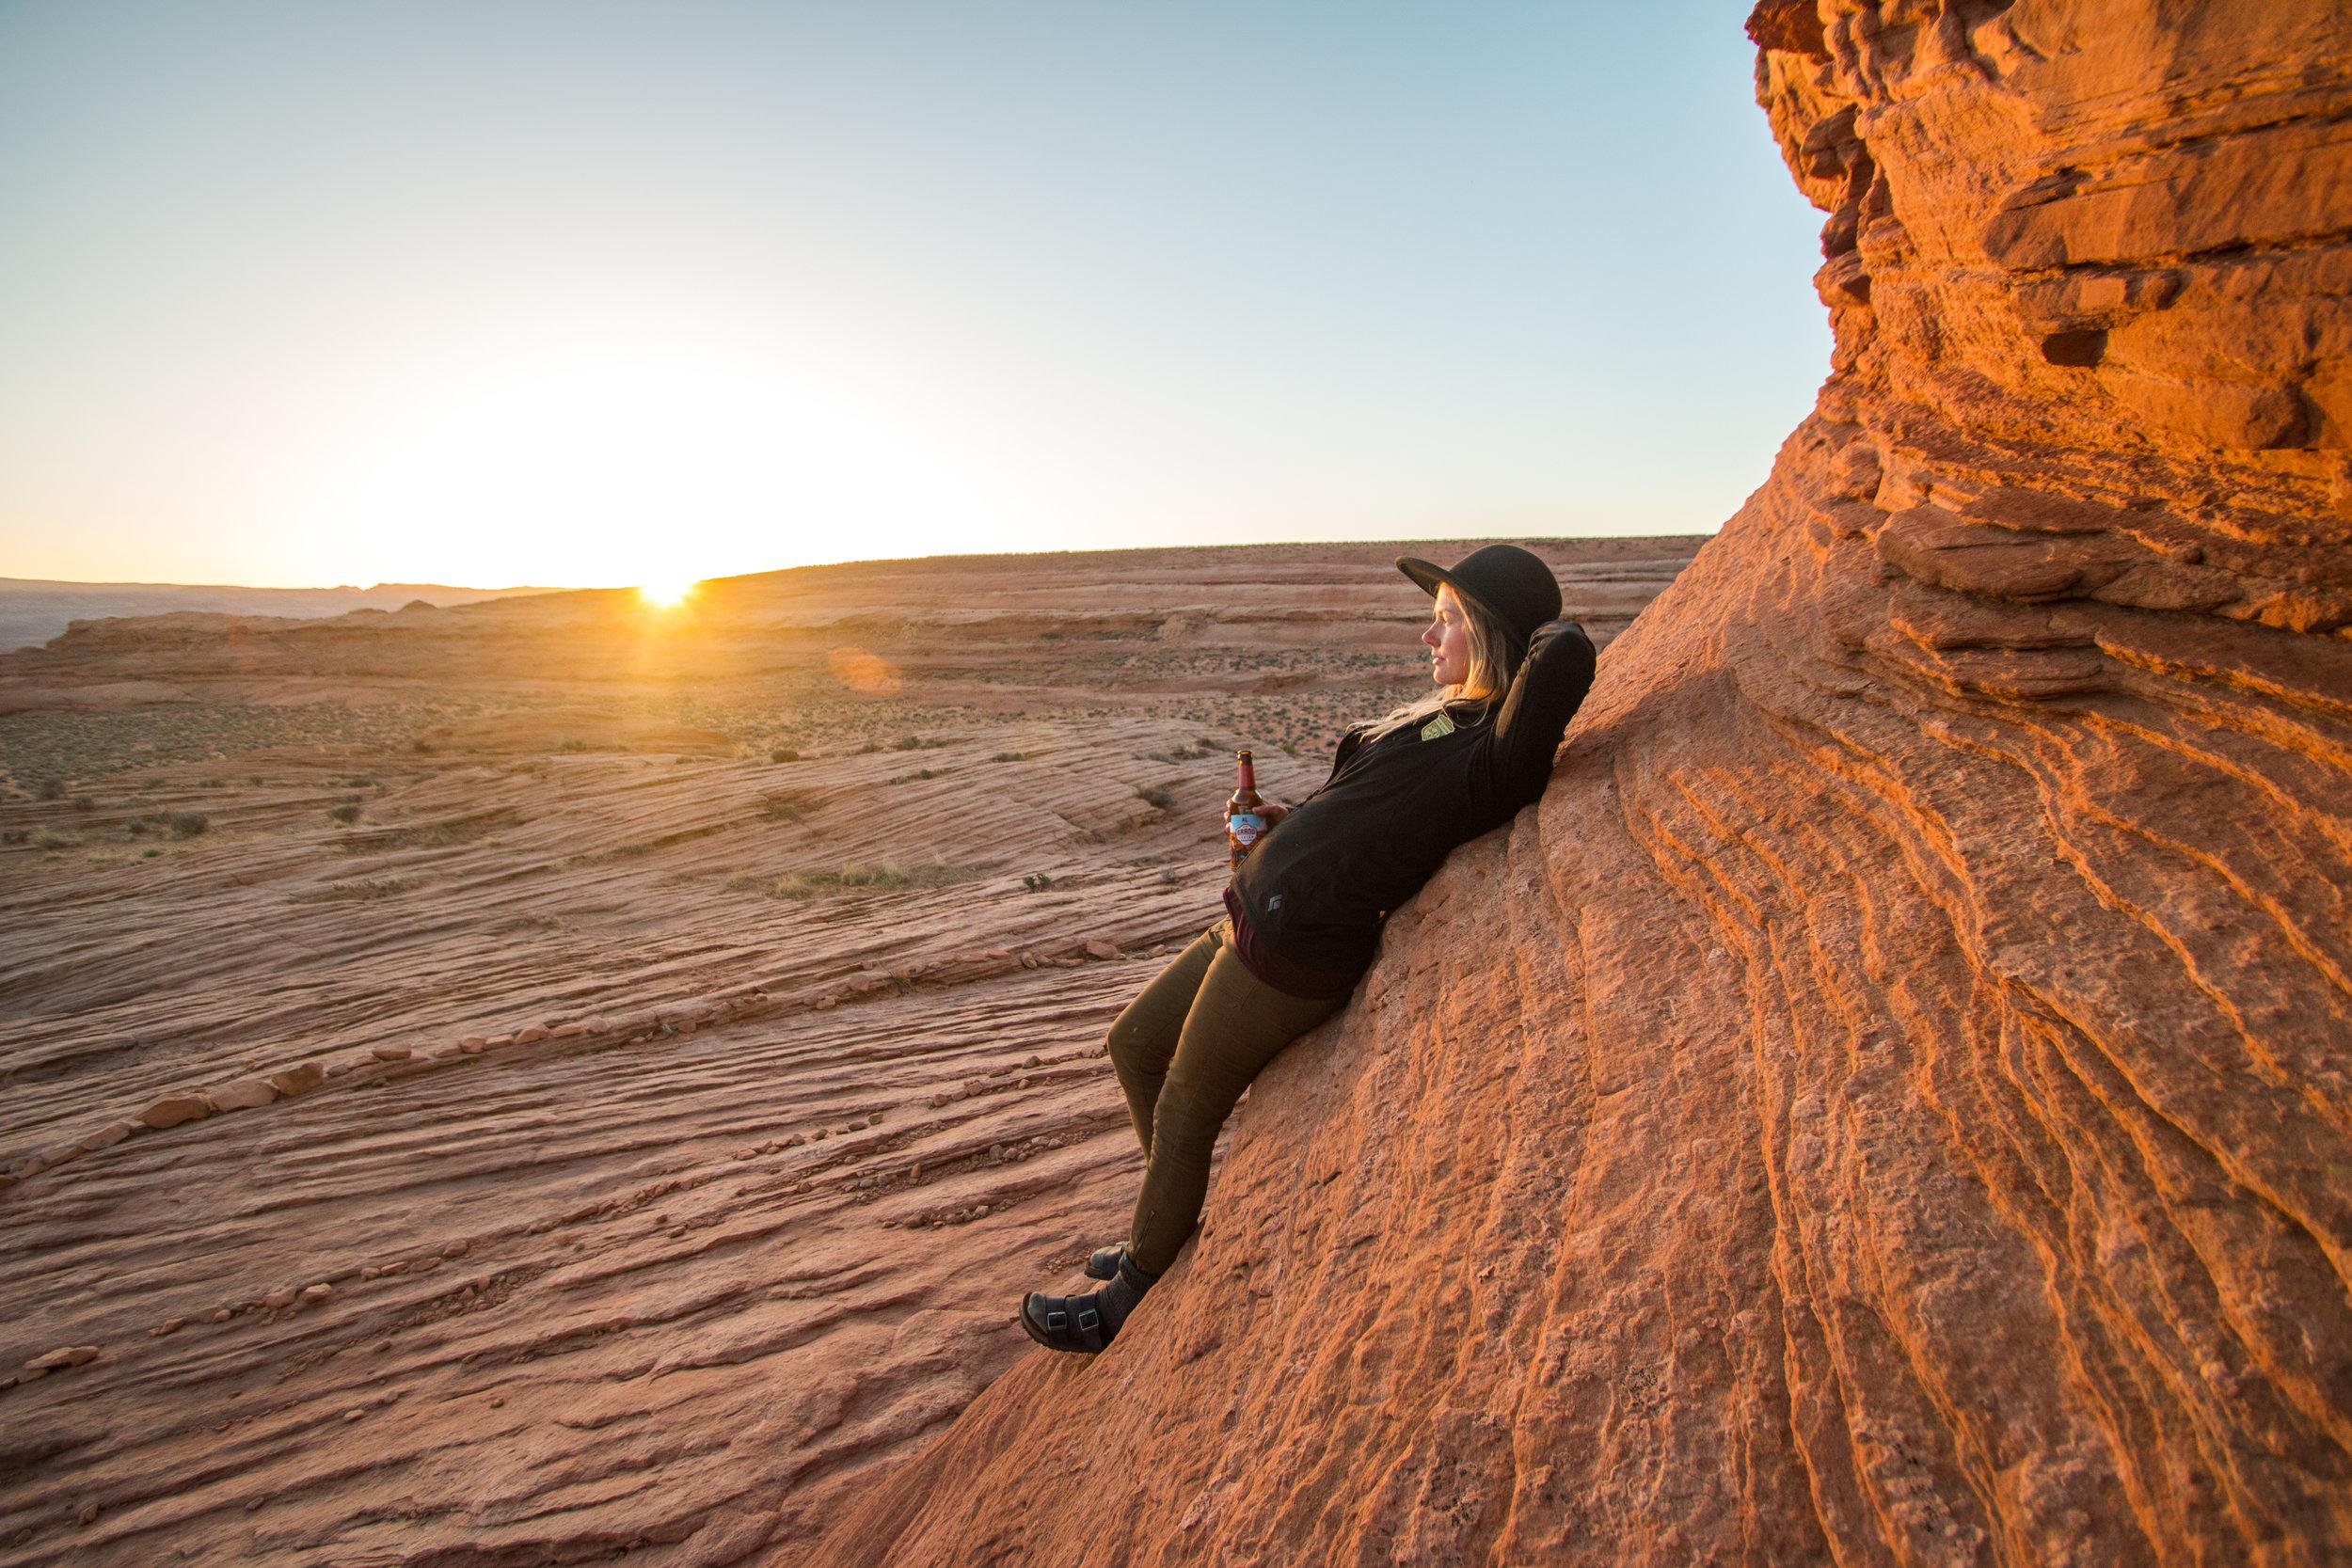 Desert_road-28.jpg